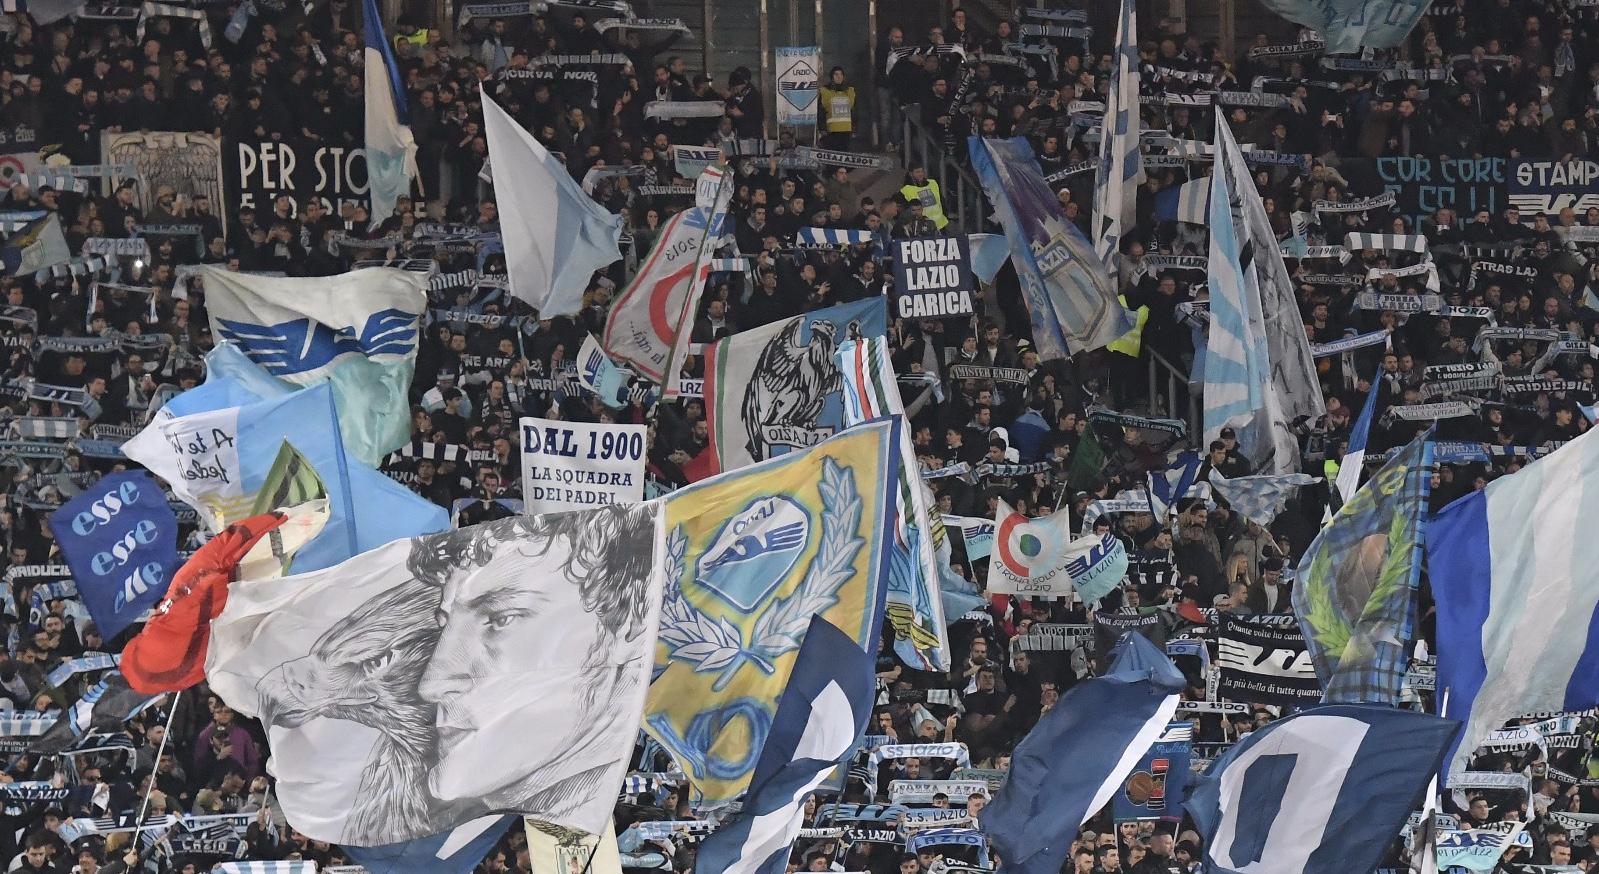 Diabolik Lazio